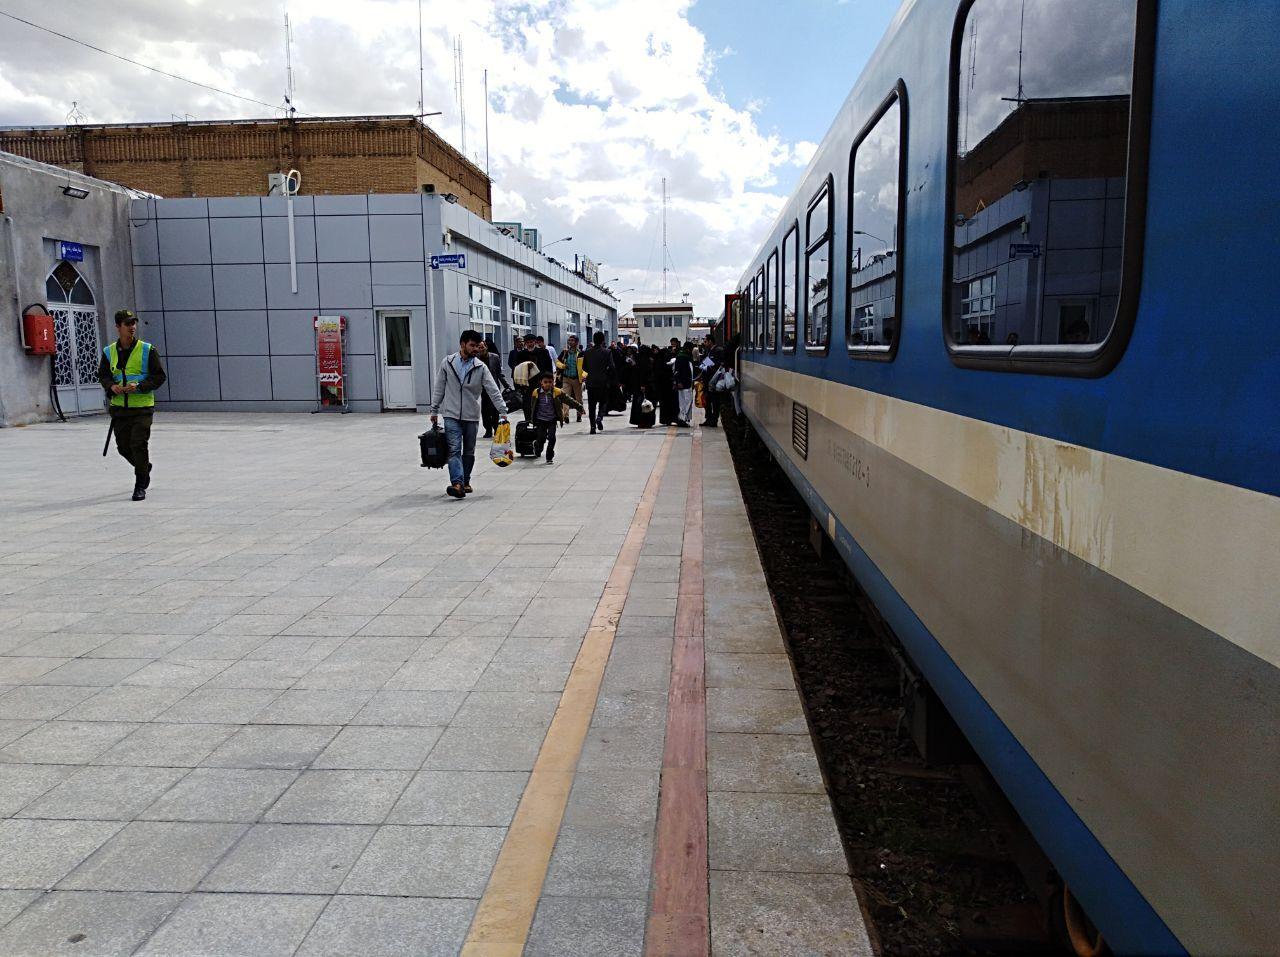 جابجایی 2 میلیون و 364 هزار نفر مسافر در سال 97 توسط راه آهن قم